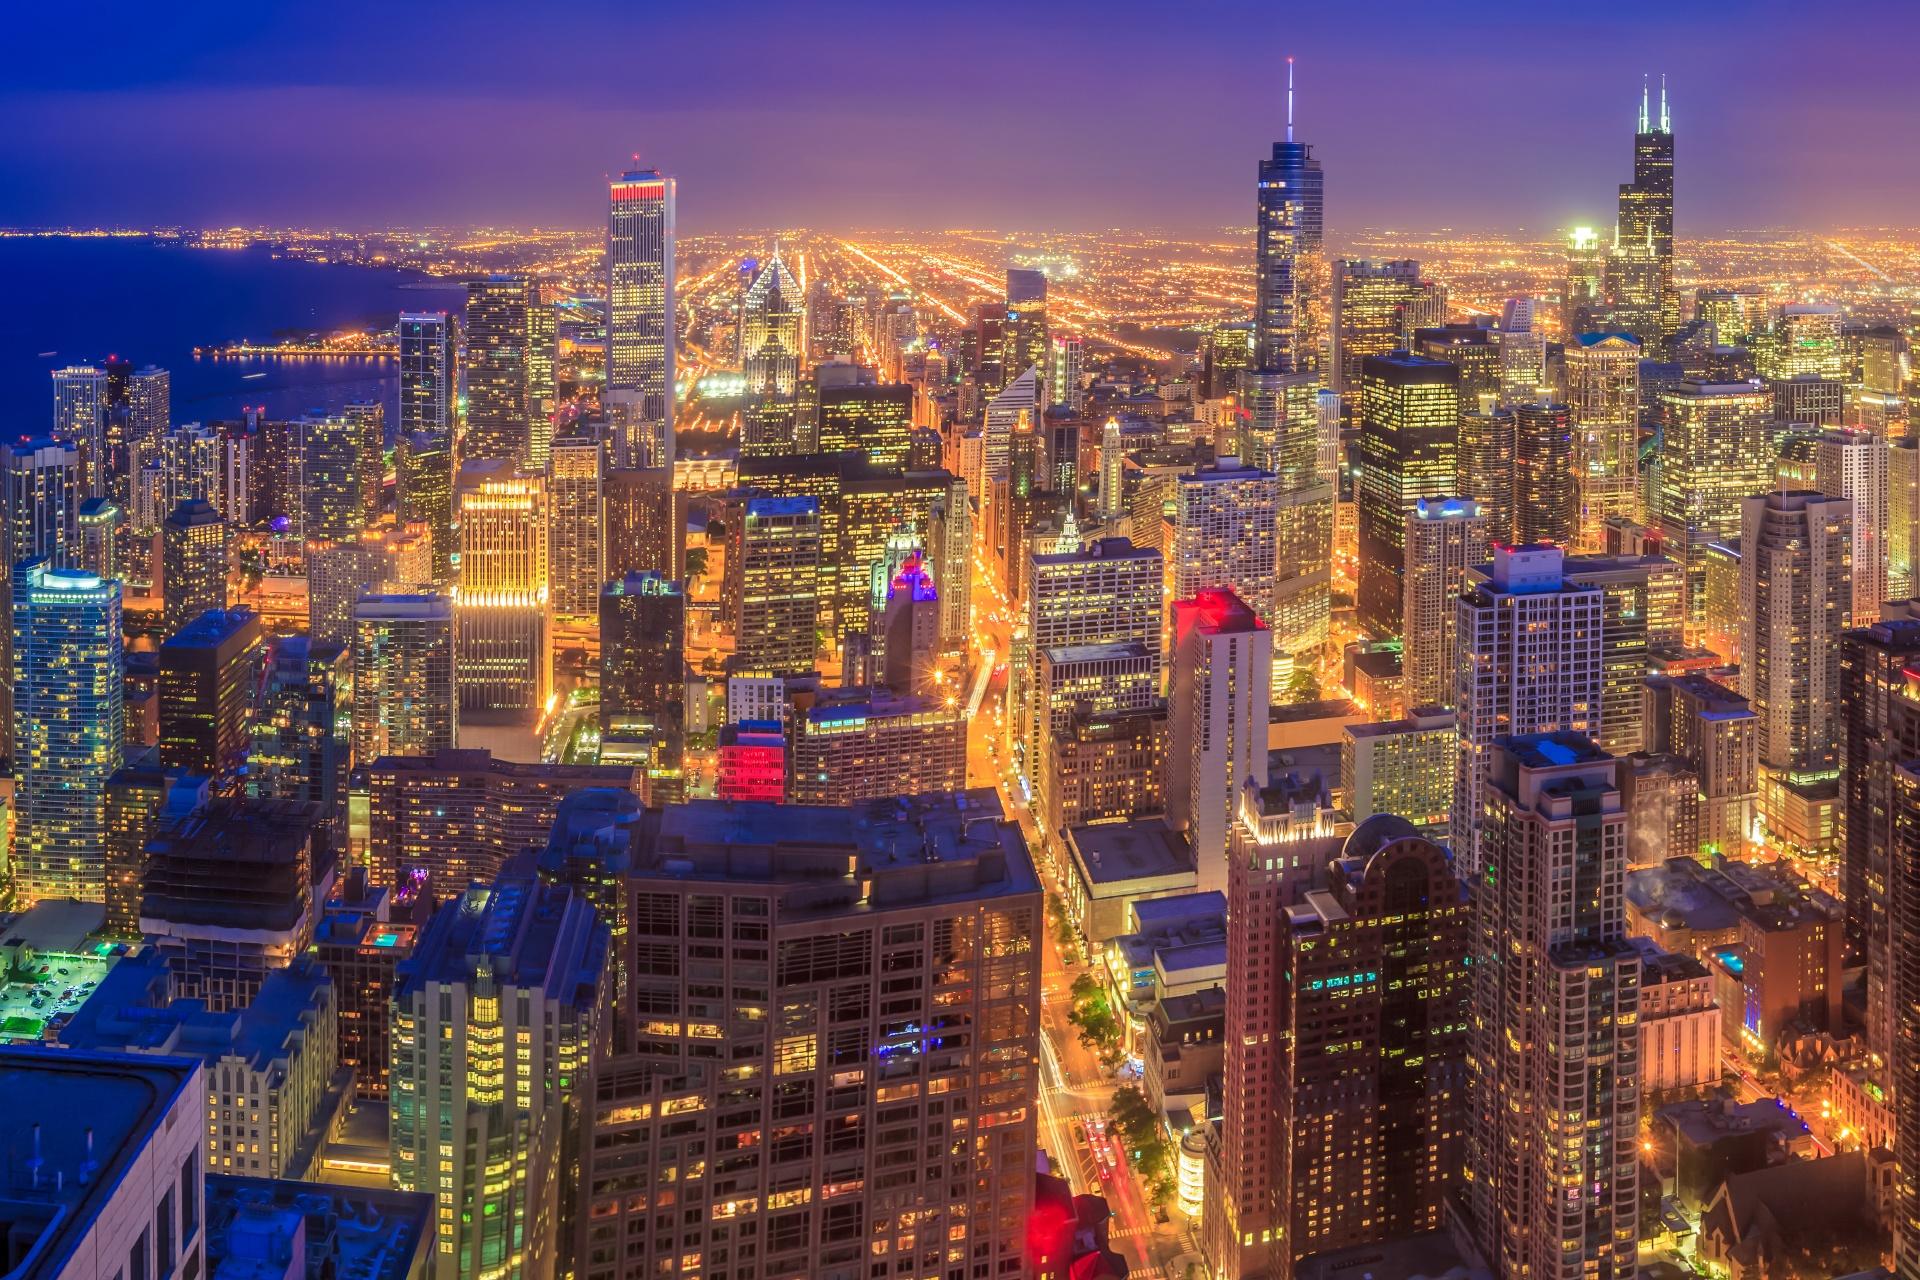 シカゴの風景 アメリカの風景